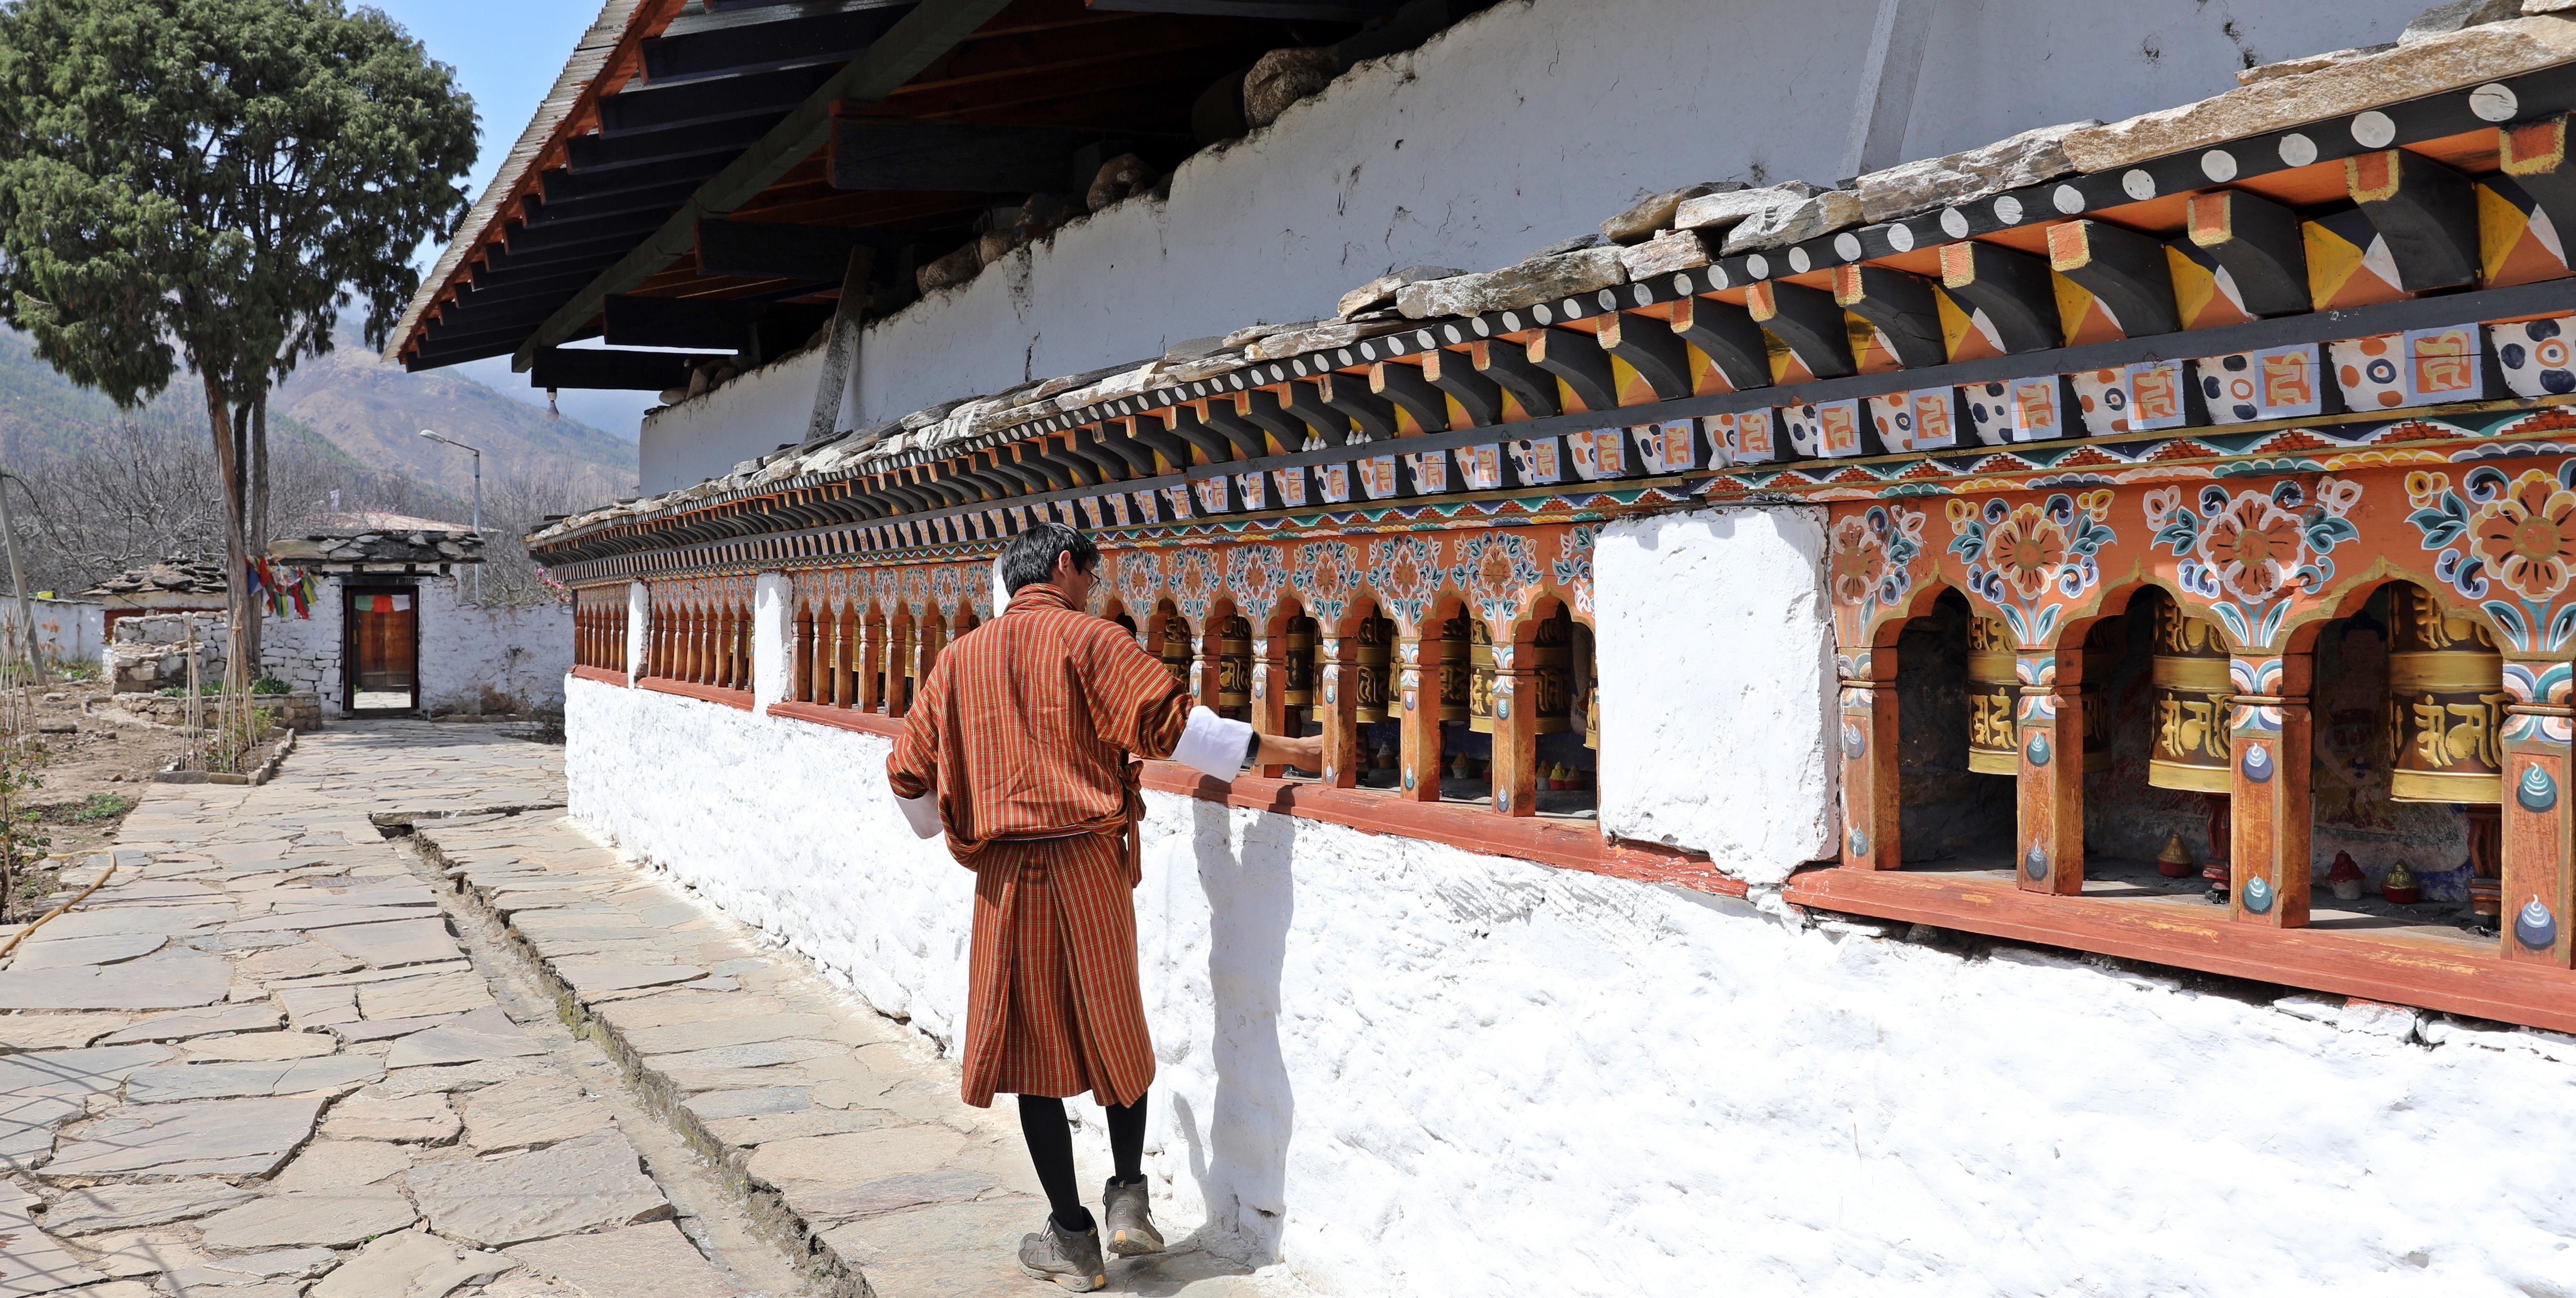 Buddhist Prayer Wheels, Kichu Lakhang